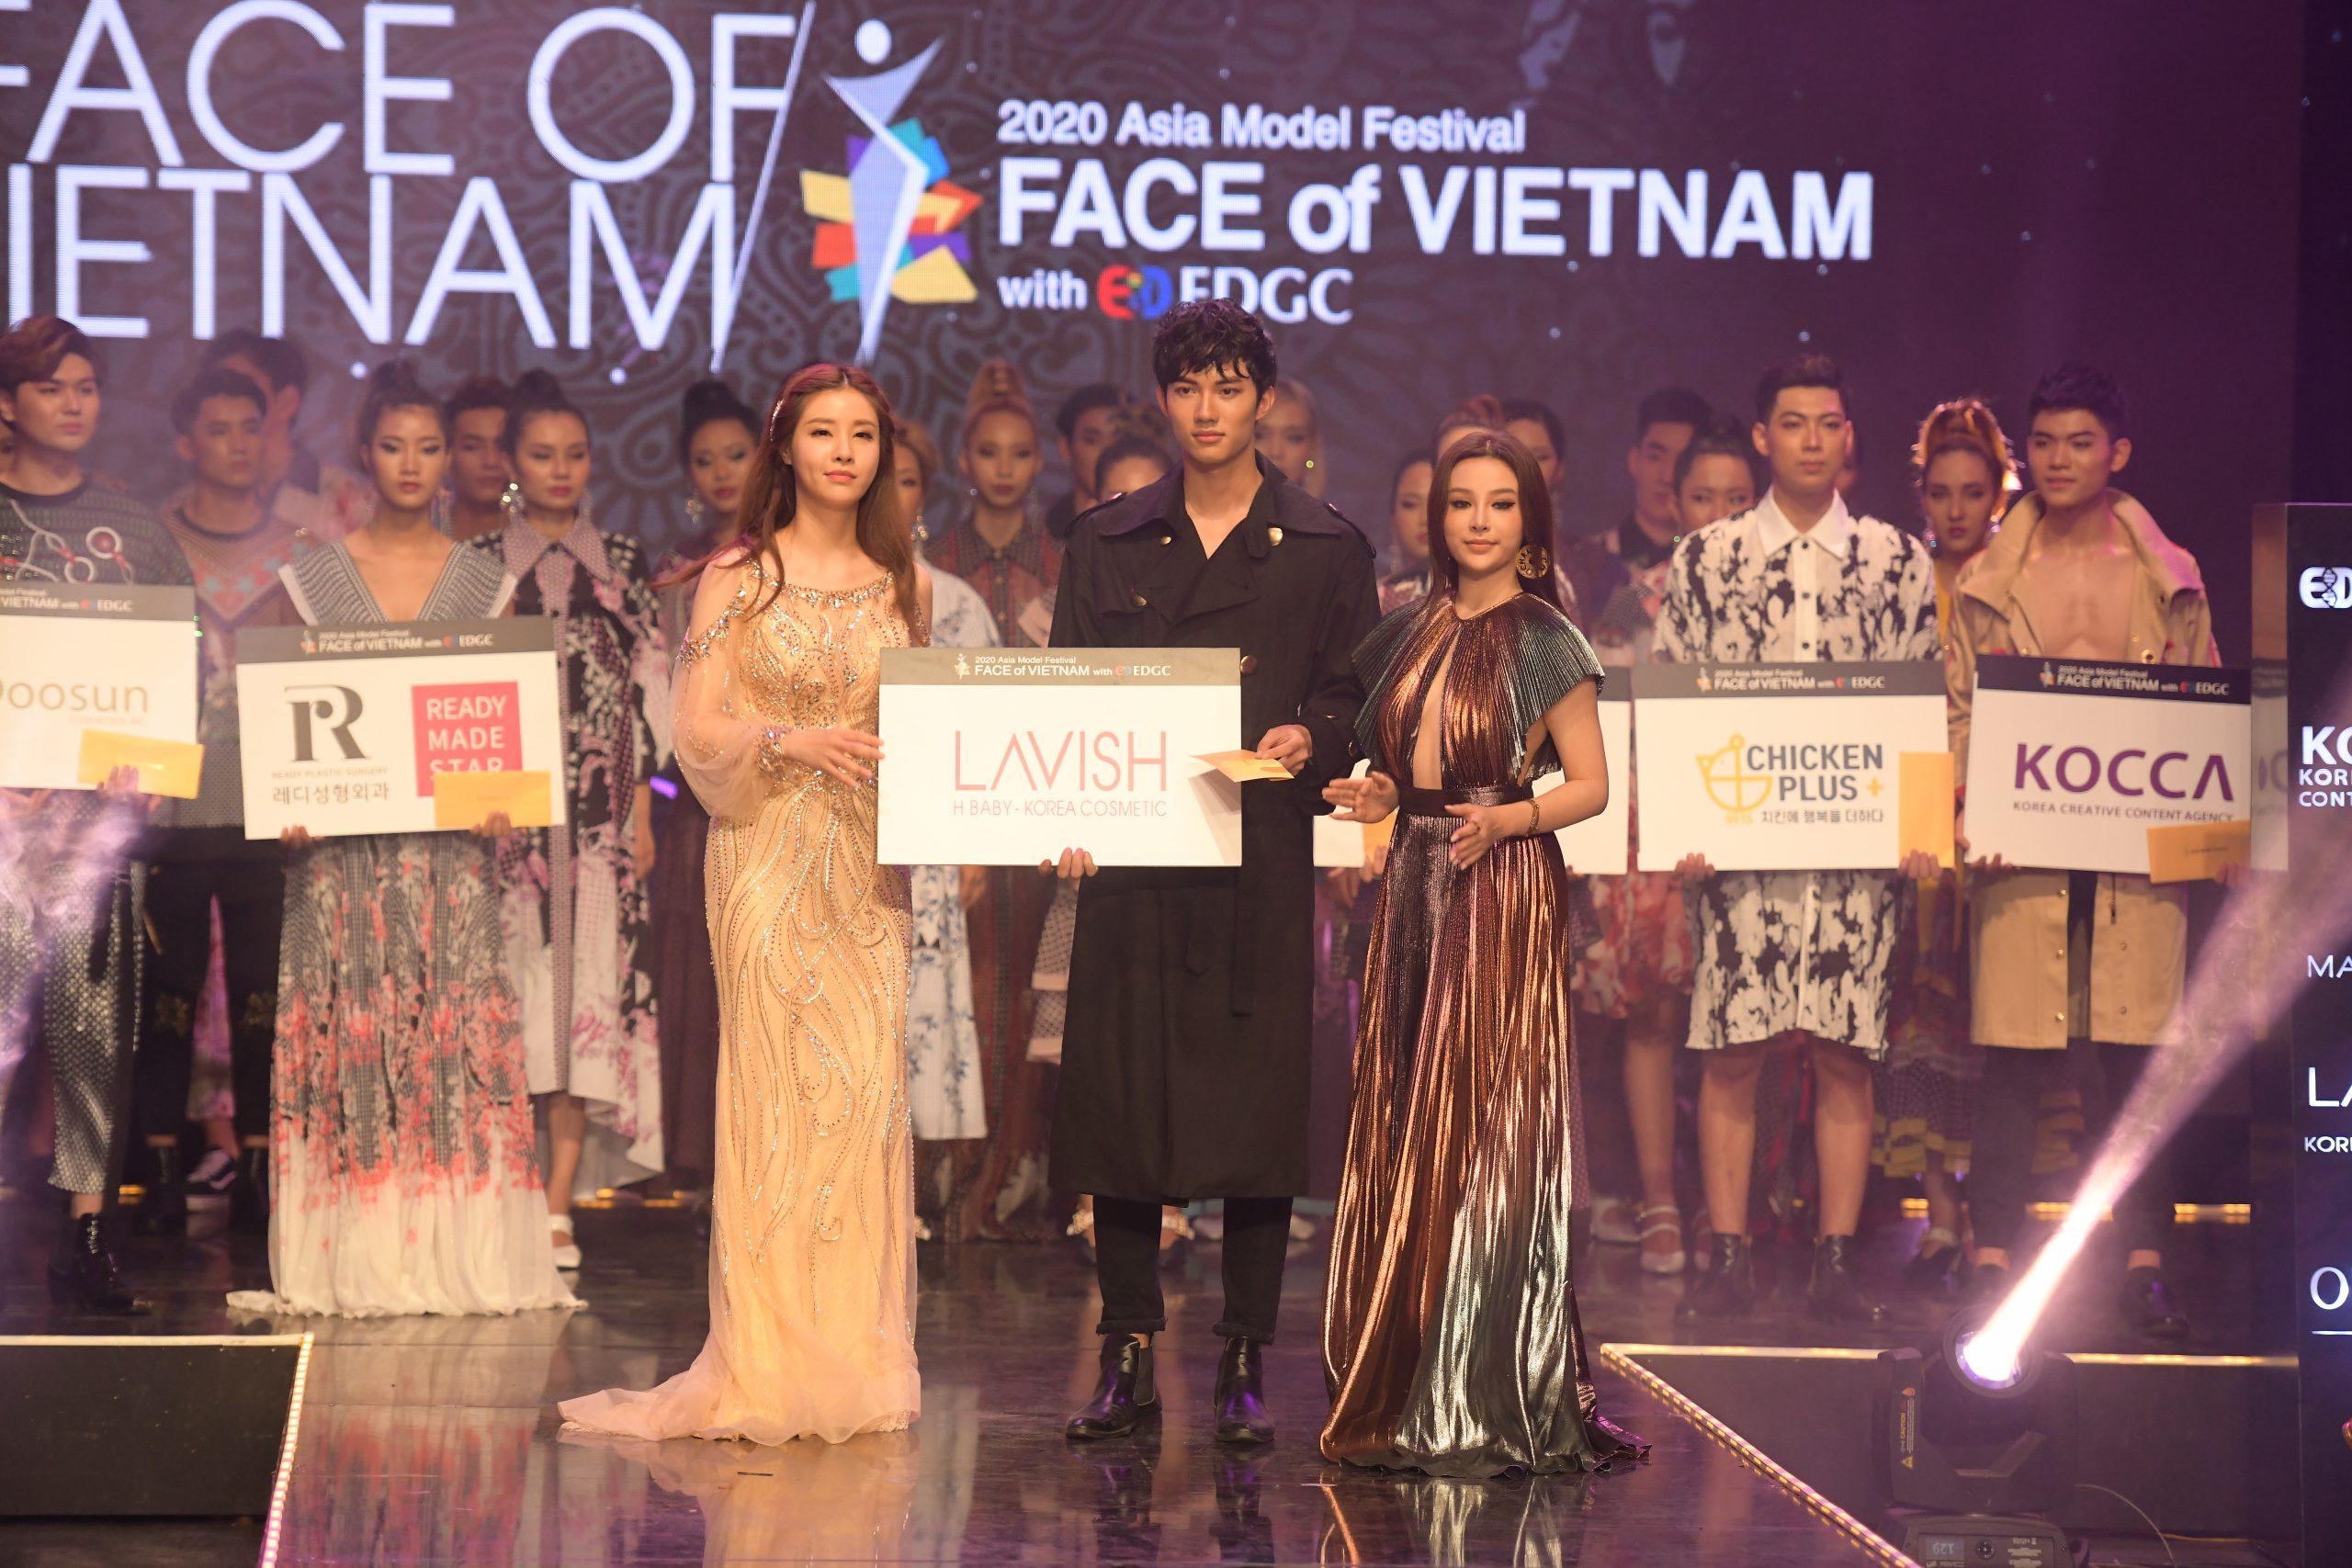 Mỹ nhân Ngọc Huyền đồng hành với Face Of Việt Nam